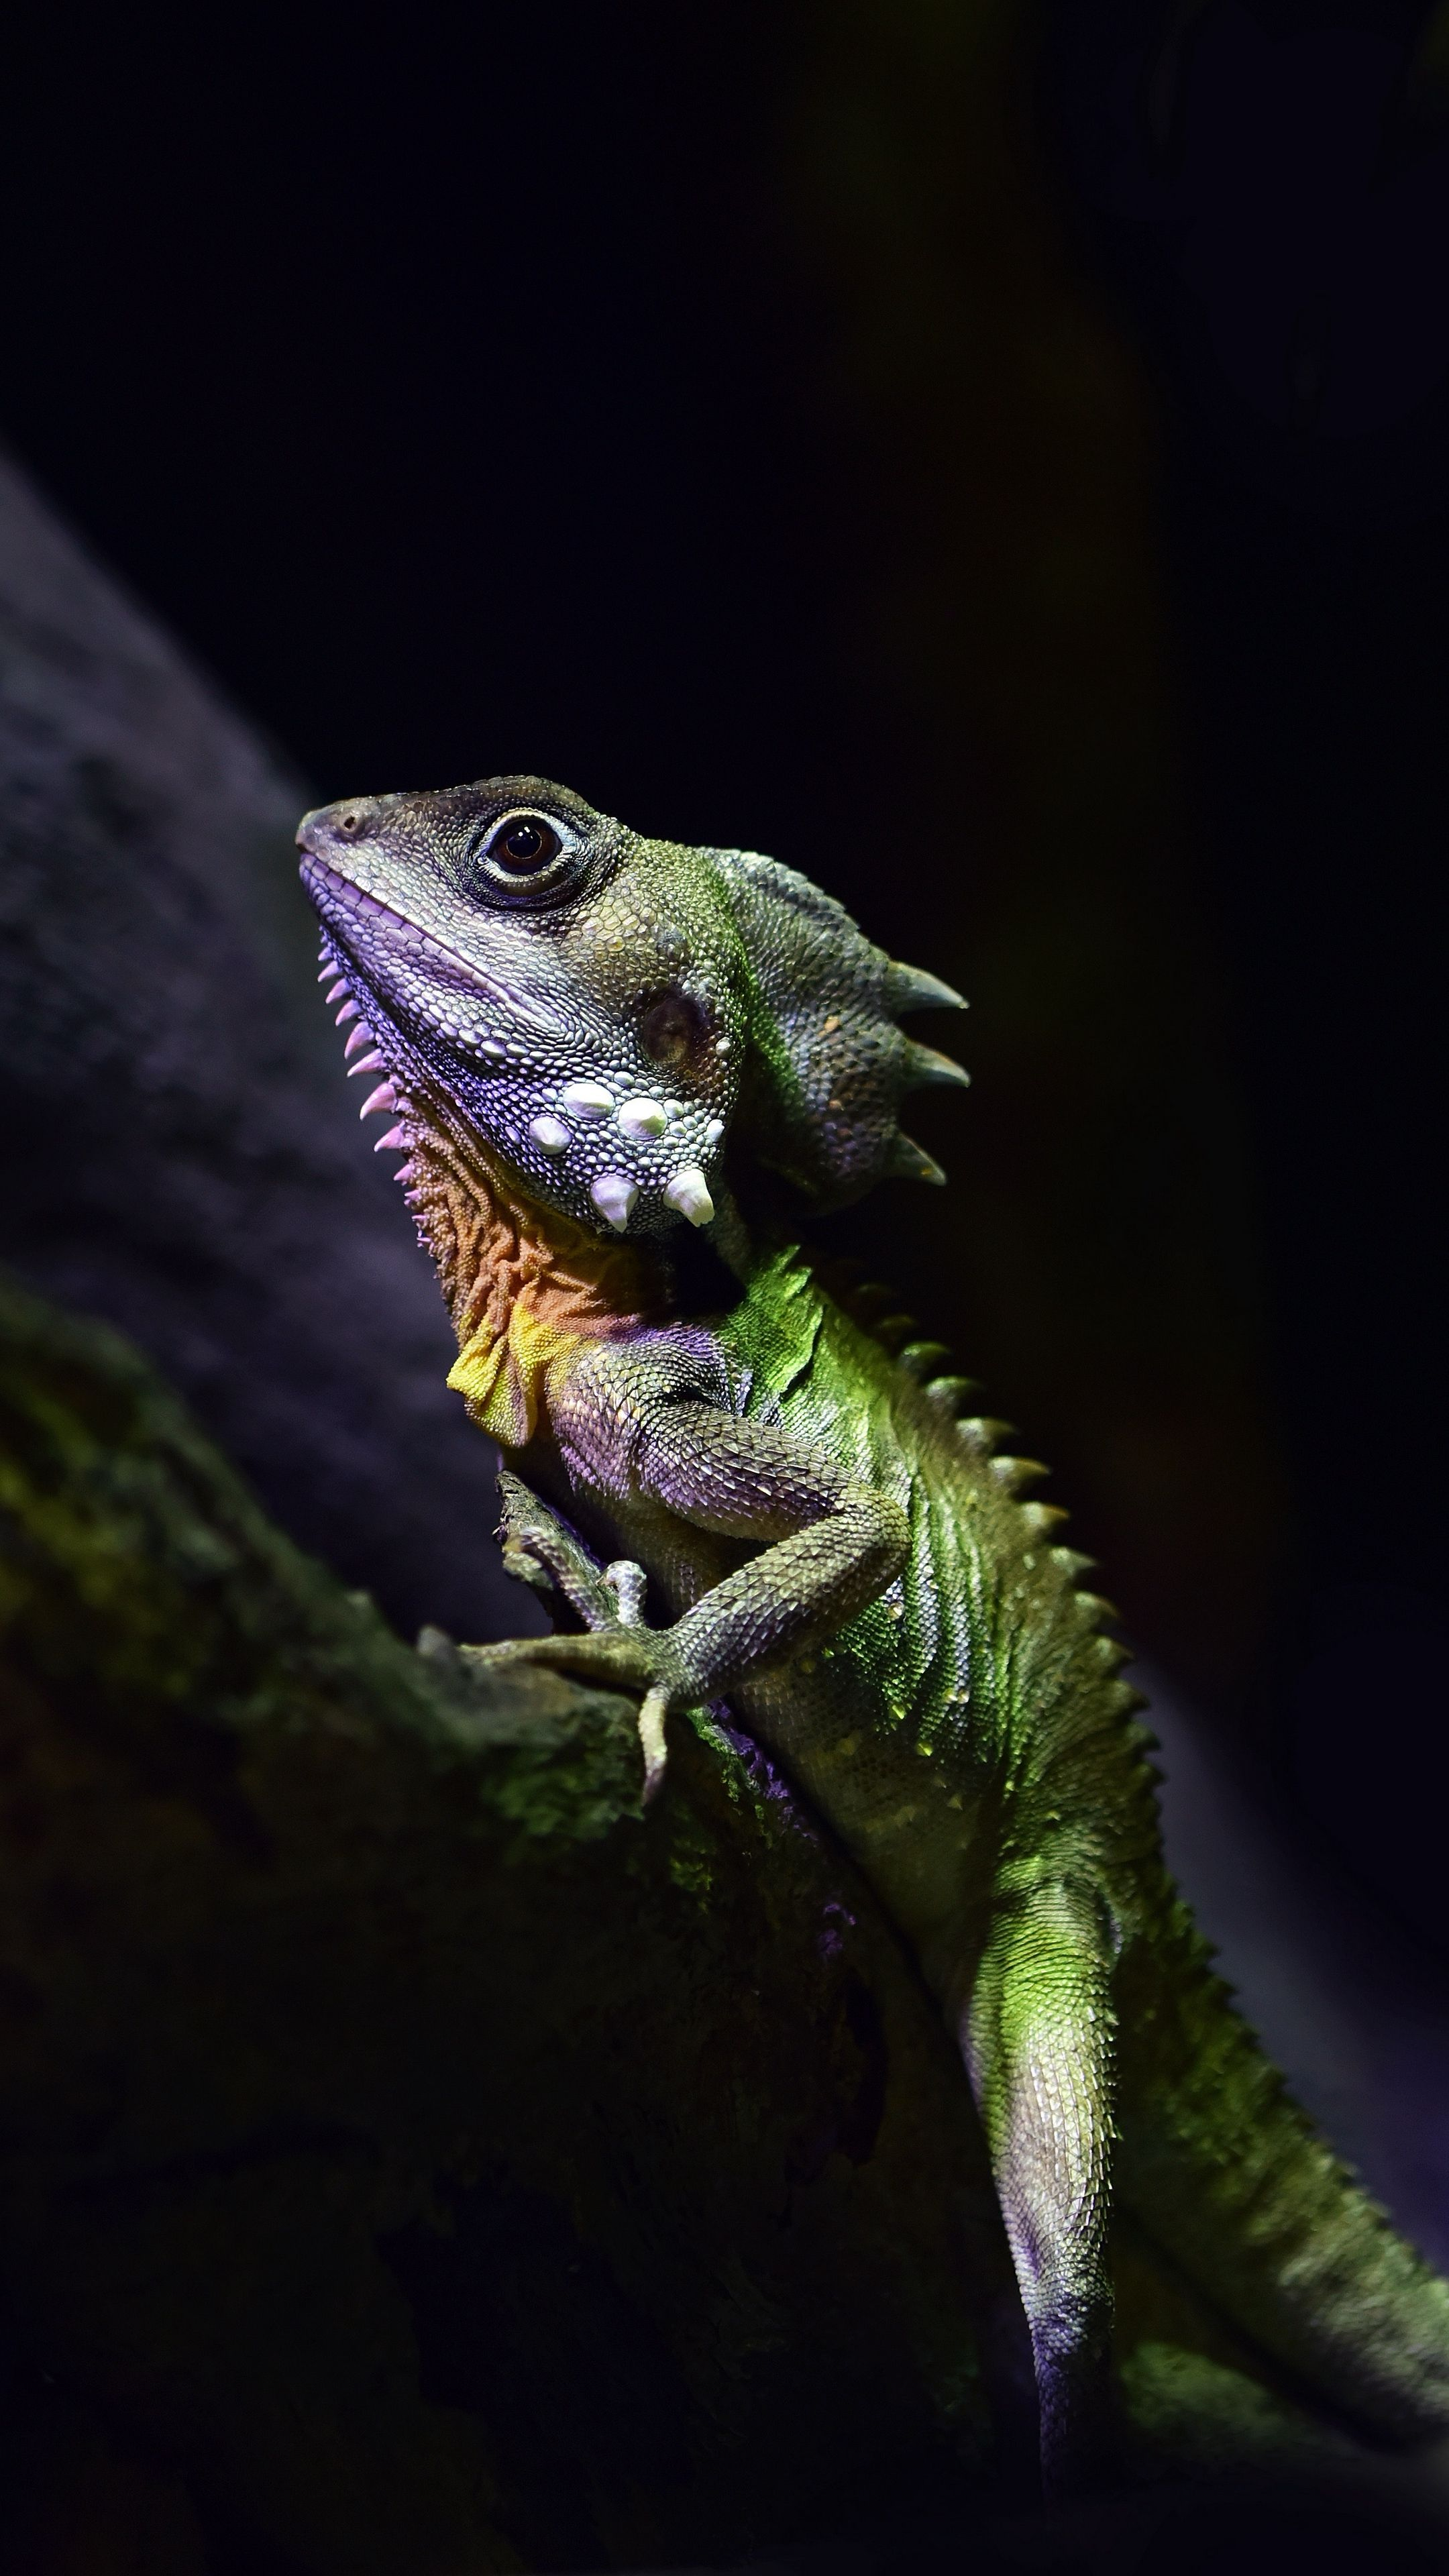 H D Reptiles #Animals #boydsforestd...